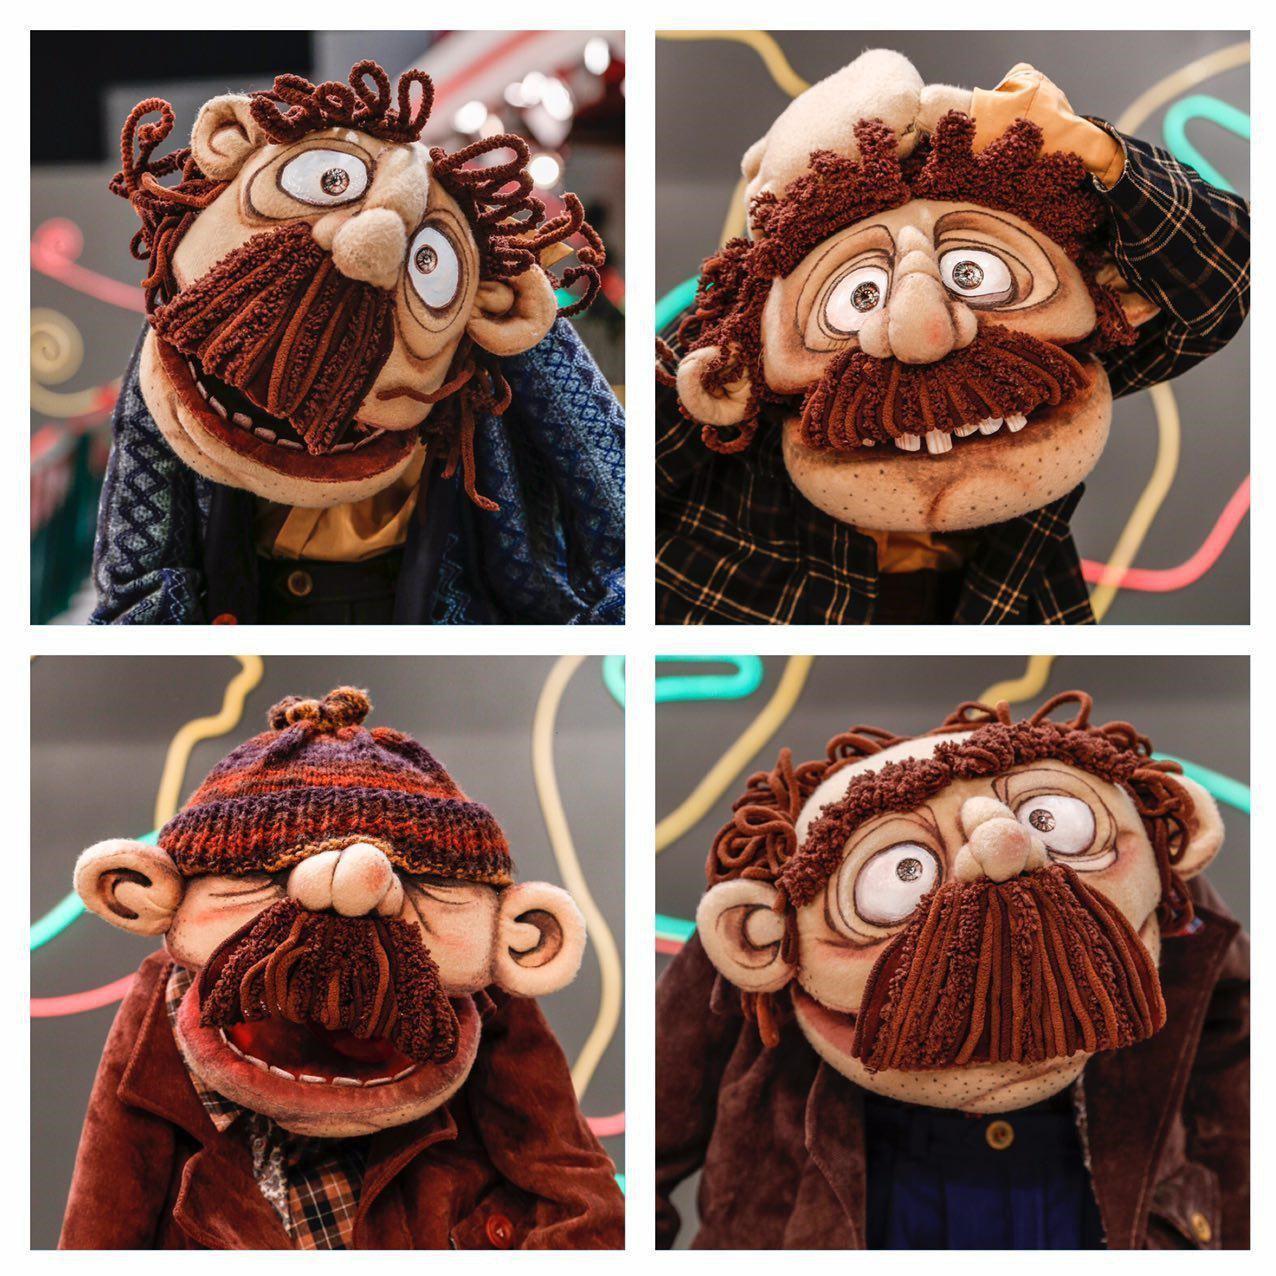 رونمایی جوان از چهار عروسک جدید «خندوانه»/ حجازی: شاید بازیگری را تجربه کنم